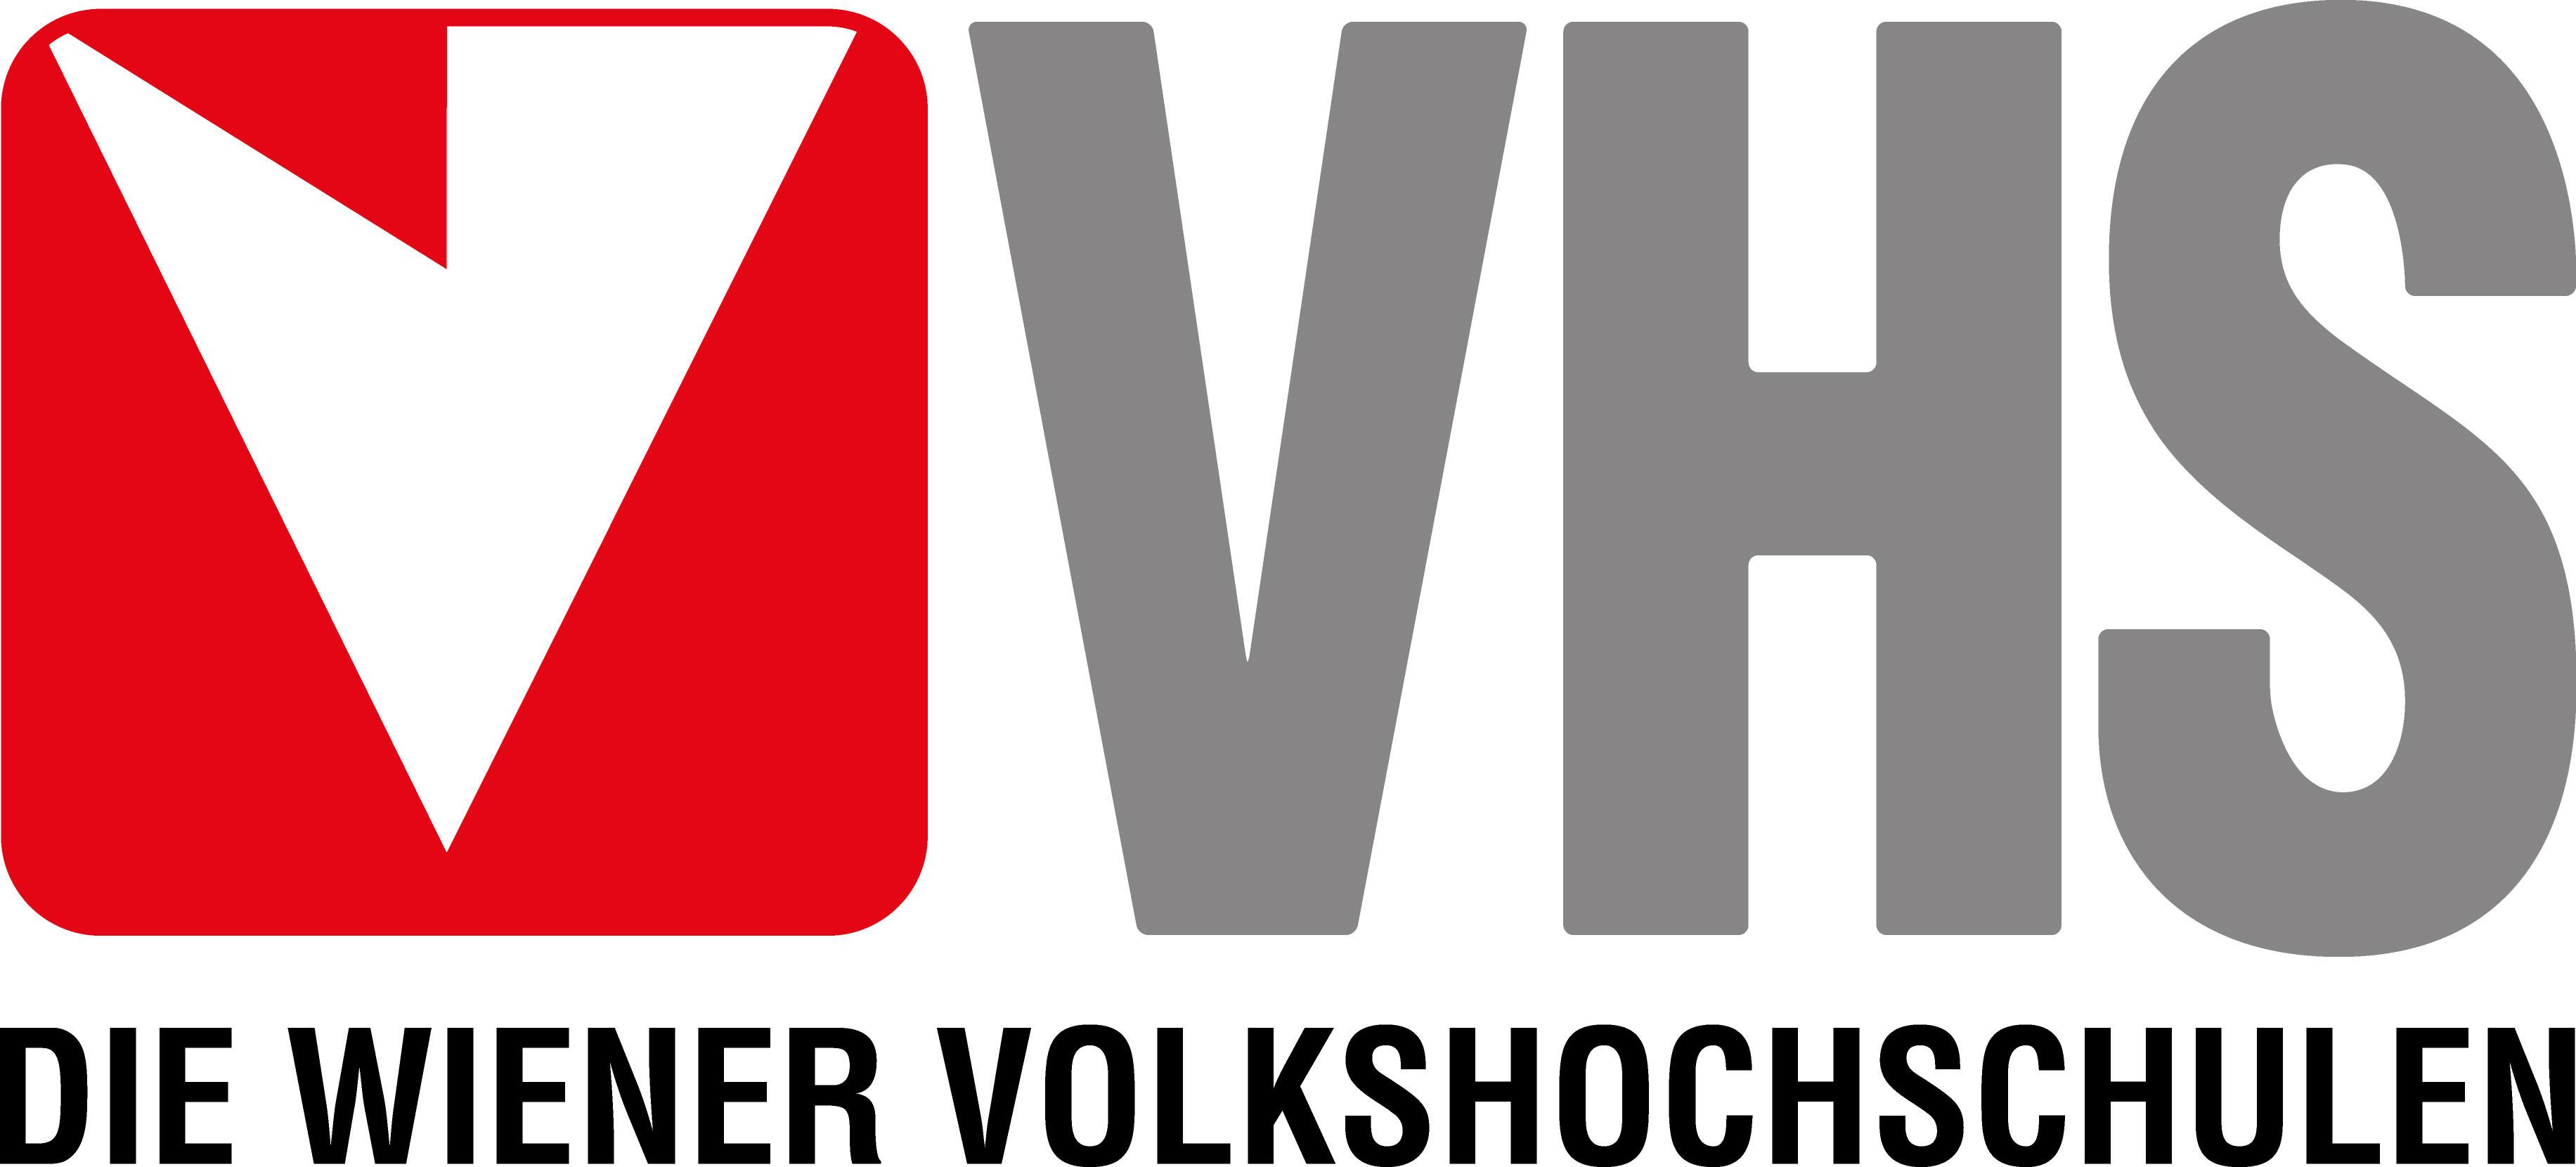 Die Wiener Volkshochschulen logo